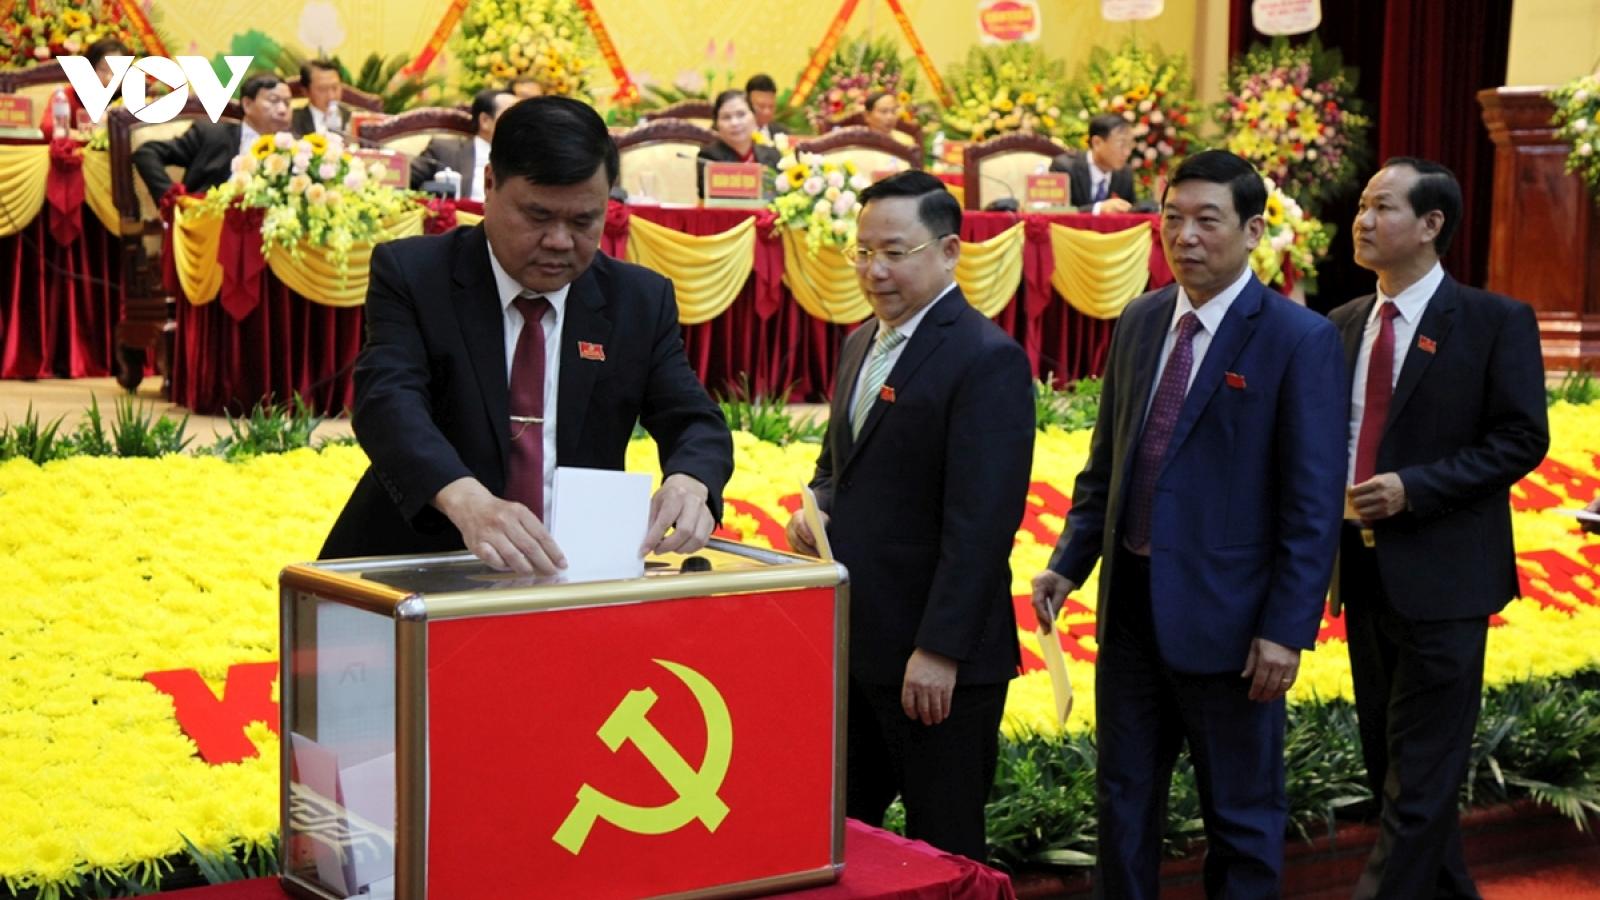 Đại hội Đảng bộ tỉnh Lai Châu bầu 47 đại biểu vào Ban Chấp hành khoá mới